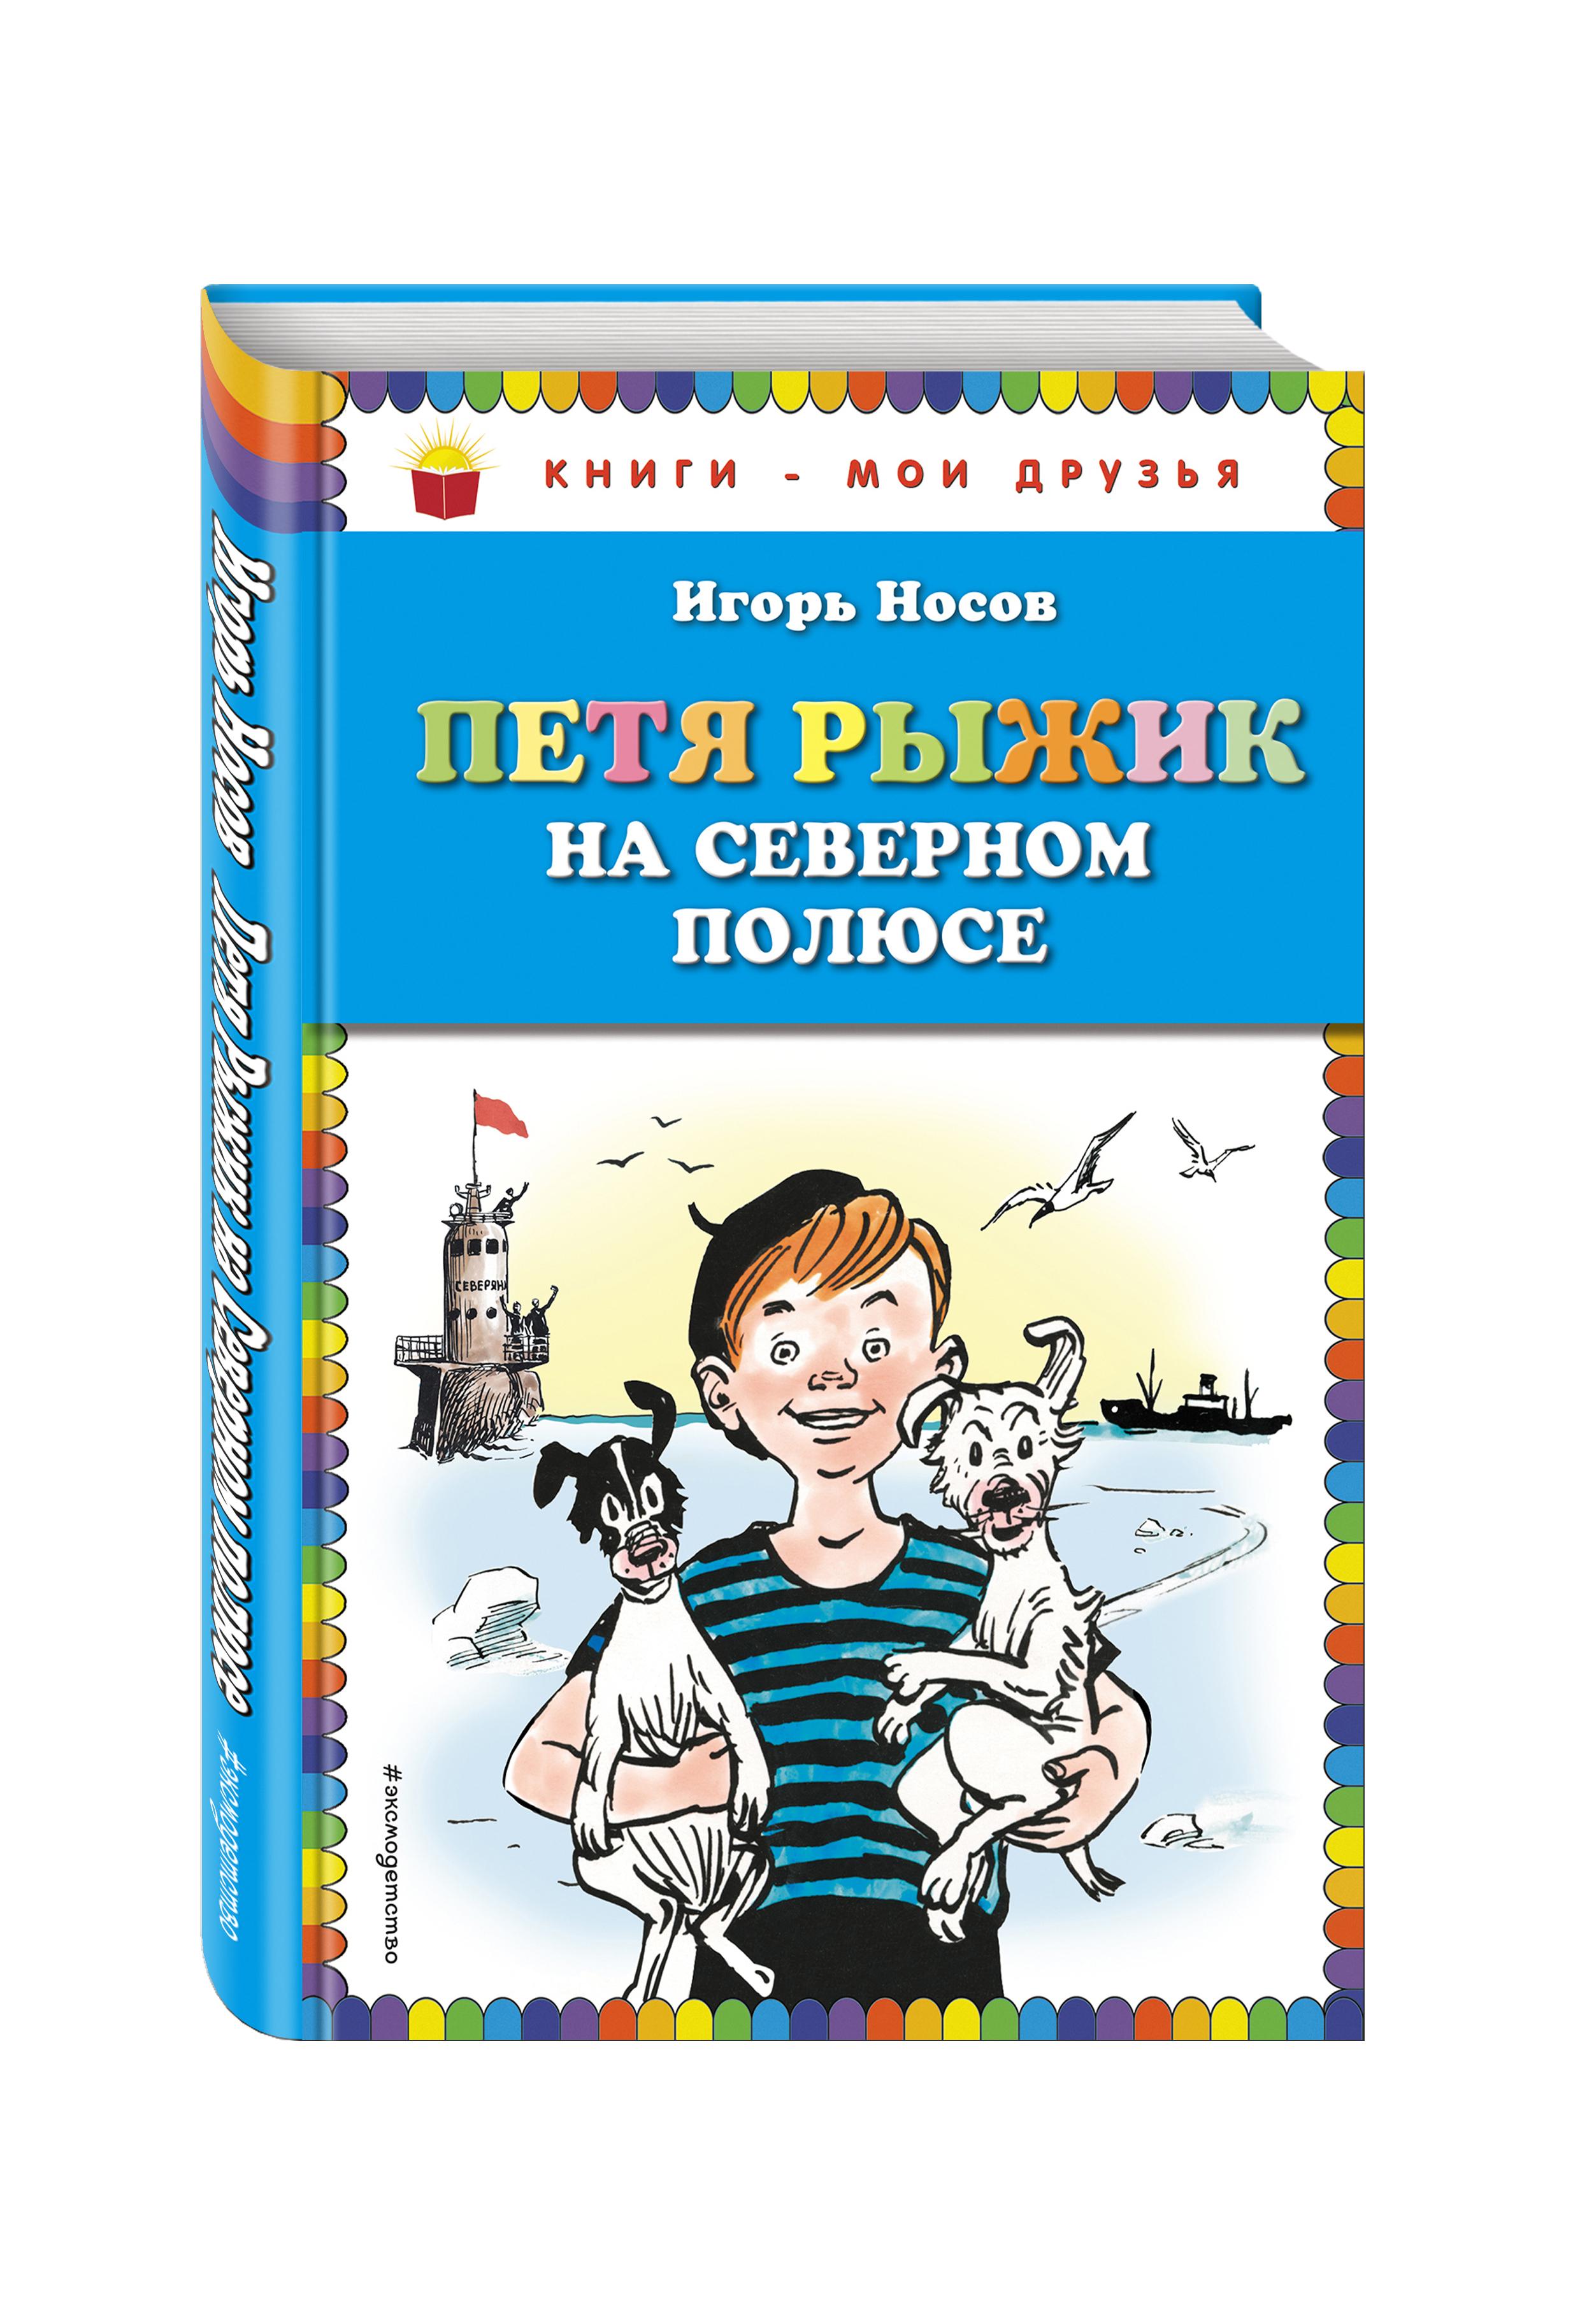 Петя Рыжик на Северном полюсе (ил. И. Семенова)